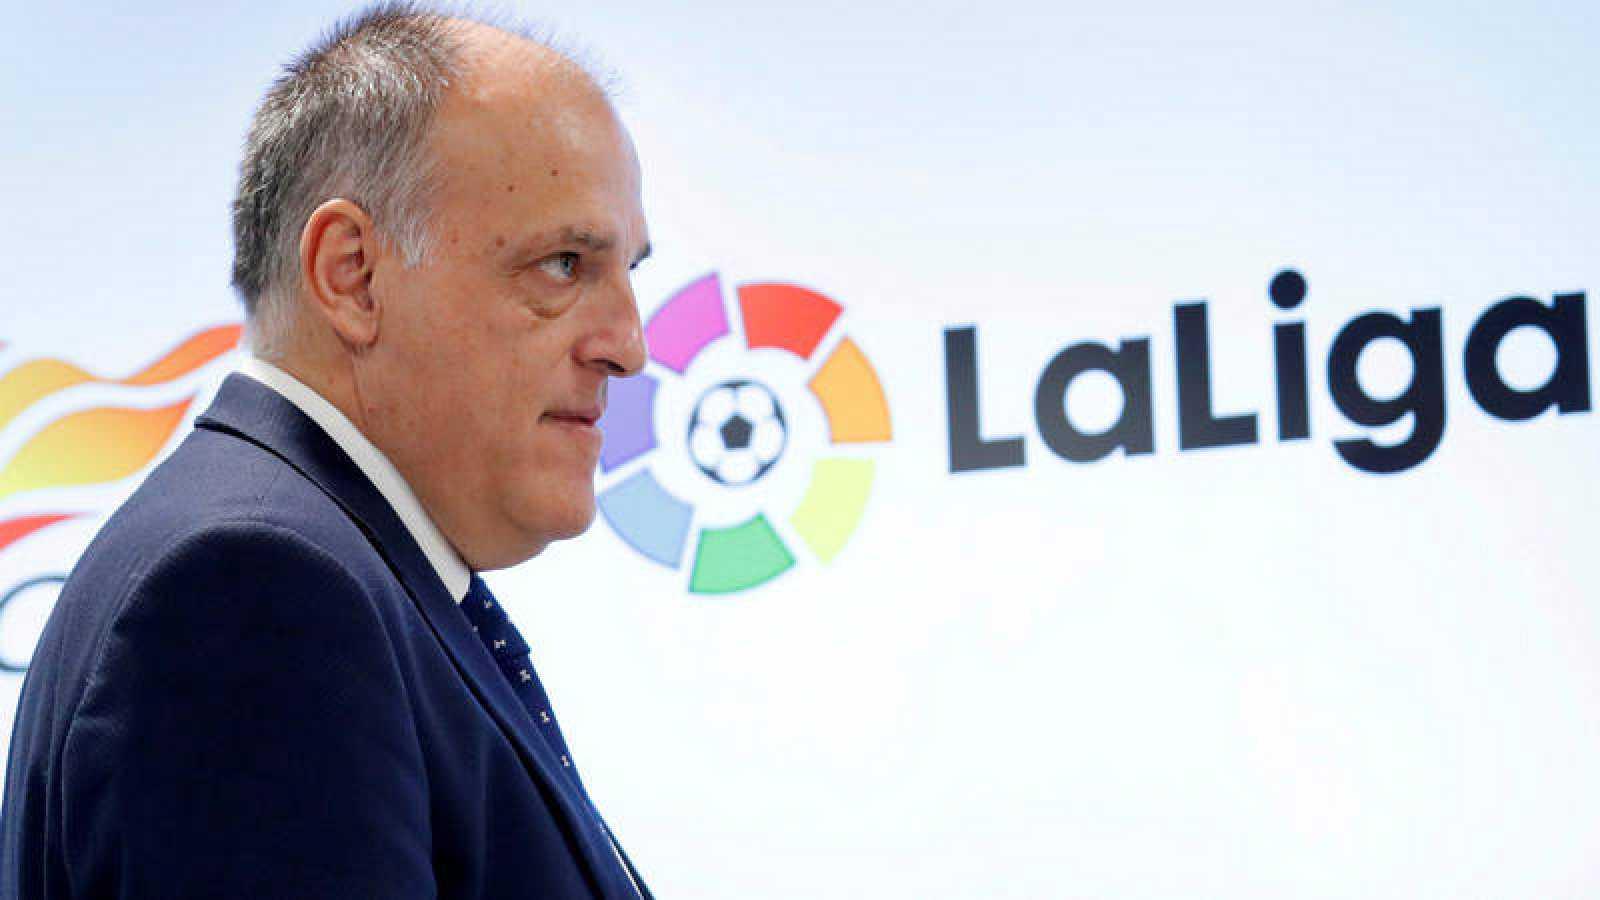 El presidente de LaLiga, Javier Tebas, en imagen de archivo.